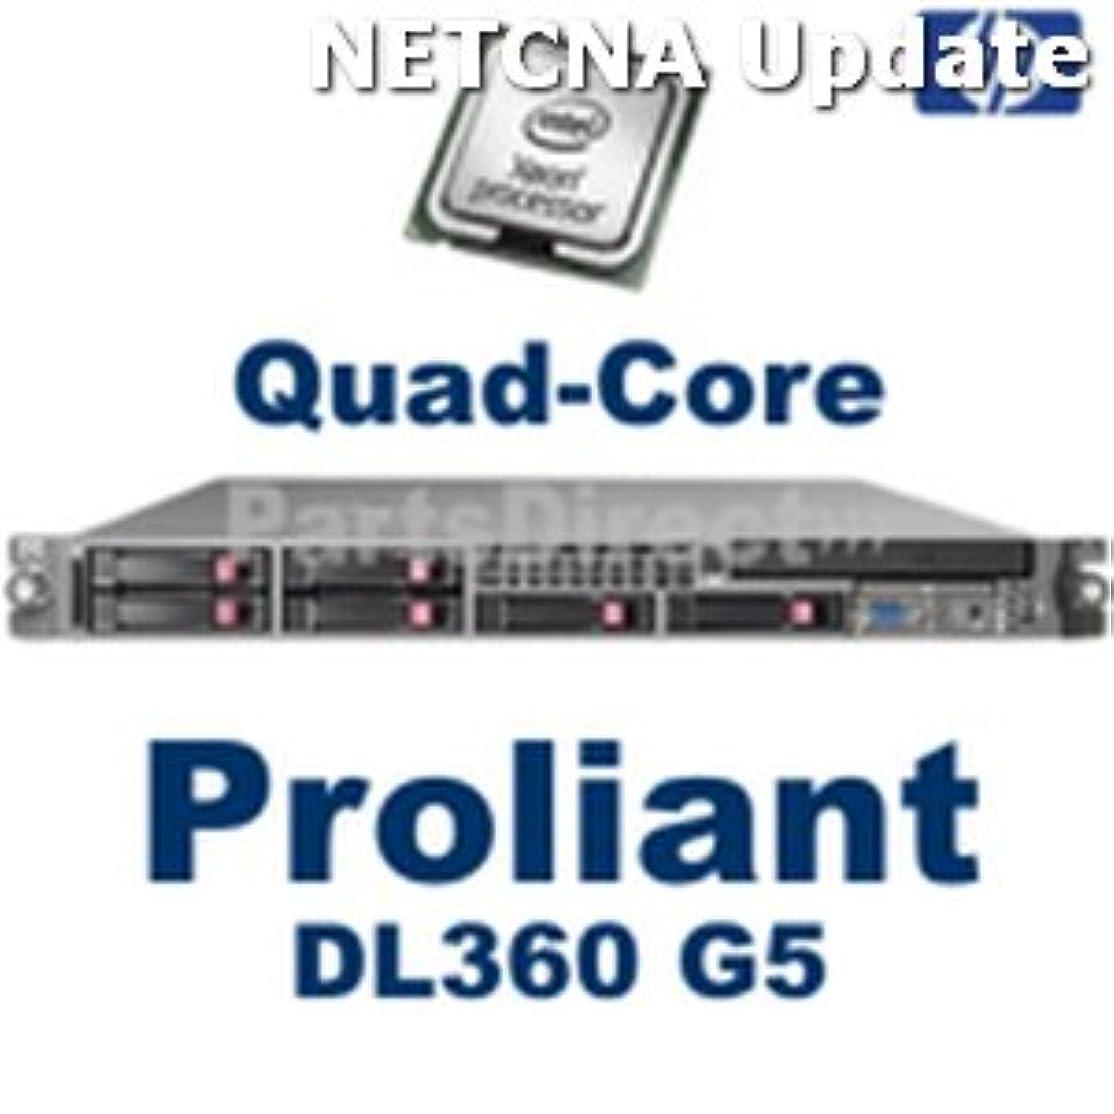 フロンティア可愛い感じる457941-b21 HP Xeon e5405 2.00 GHz dl360 g5互換製品by NETCNA